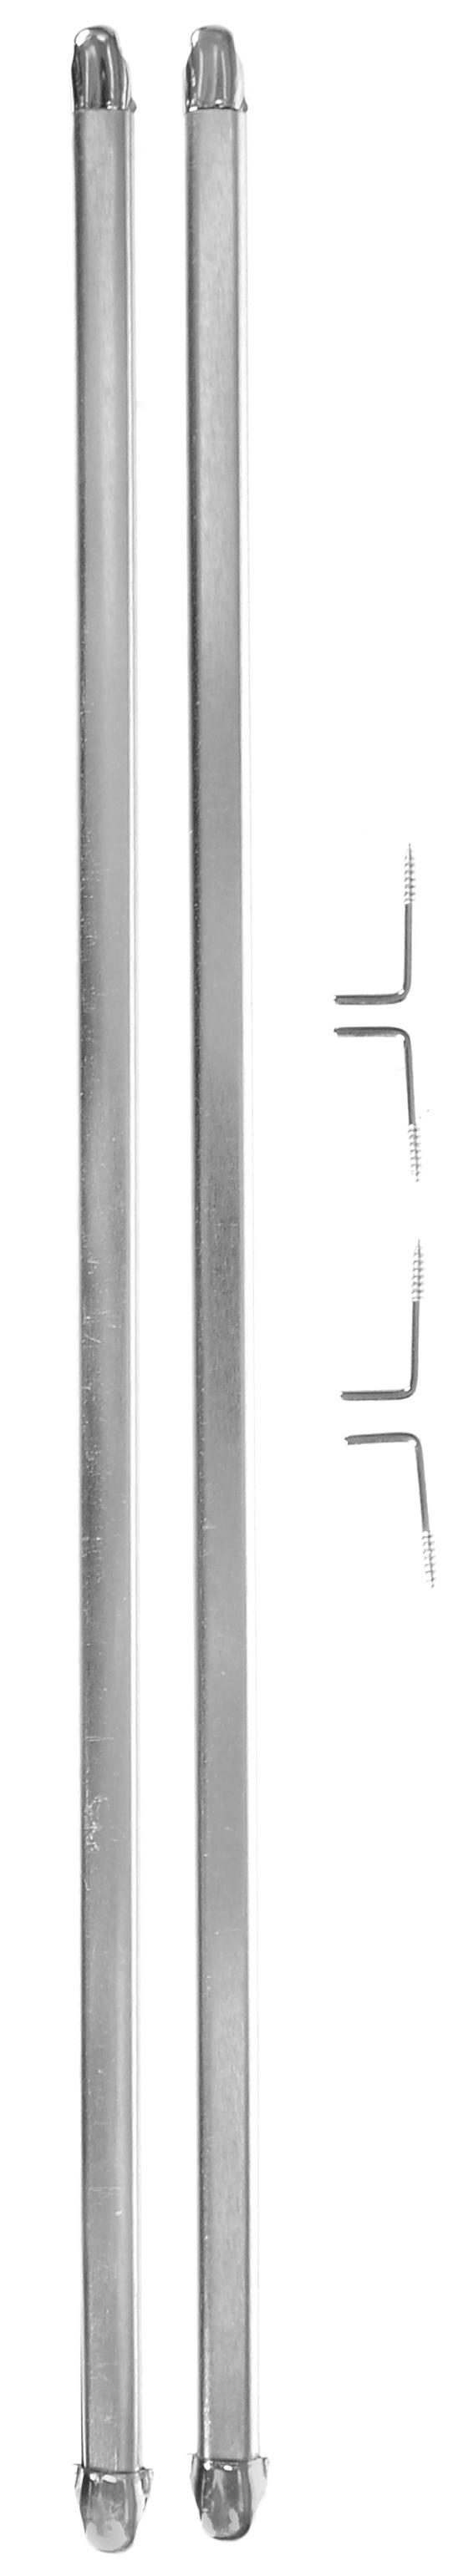 Штанга однорядная Эскар, металлическая, телескопическая, цвет: хром, длина 40-70 см, 2 шт10503Витражная штанга Эскар - это не только аксессуар для штор, но и элемент декора. Изделие выполнено из металла. Держатели штанг вкручиваются в раму в предварительно рассверленное отверстие.В комплект входят: 2 штанги, 4 крючка для крепления.Оригинальная и стильная штанга дополнит интерьер любой комнаты. Длина карниза: 40-70 см.